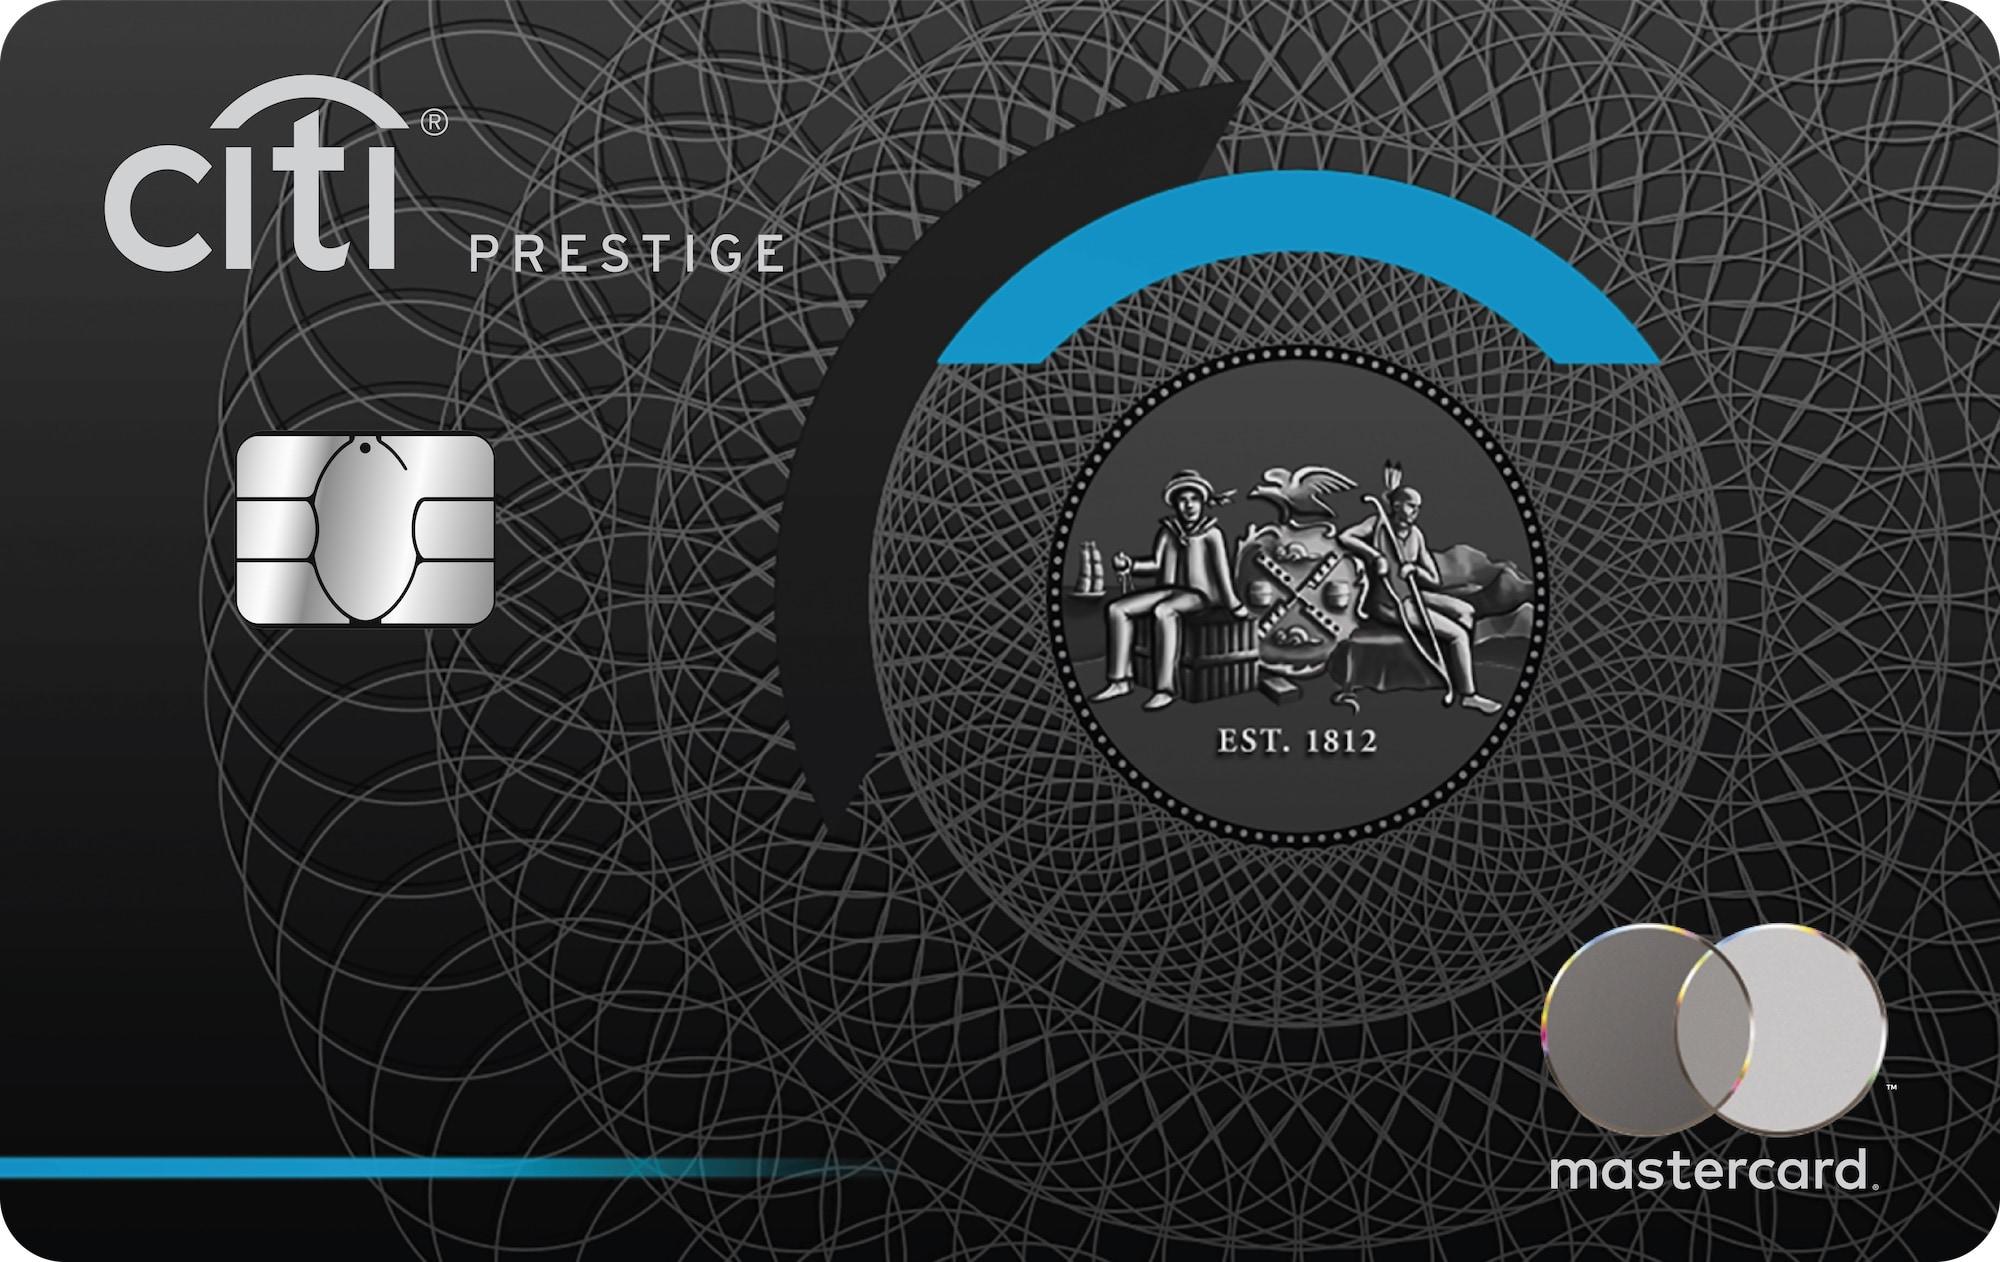 Citi Prestige Mastercard